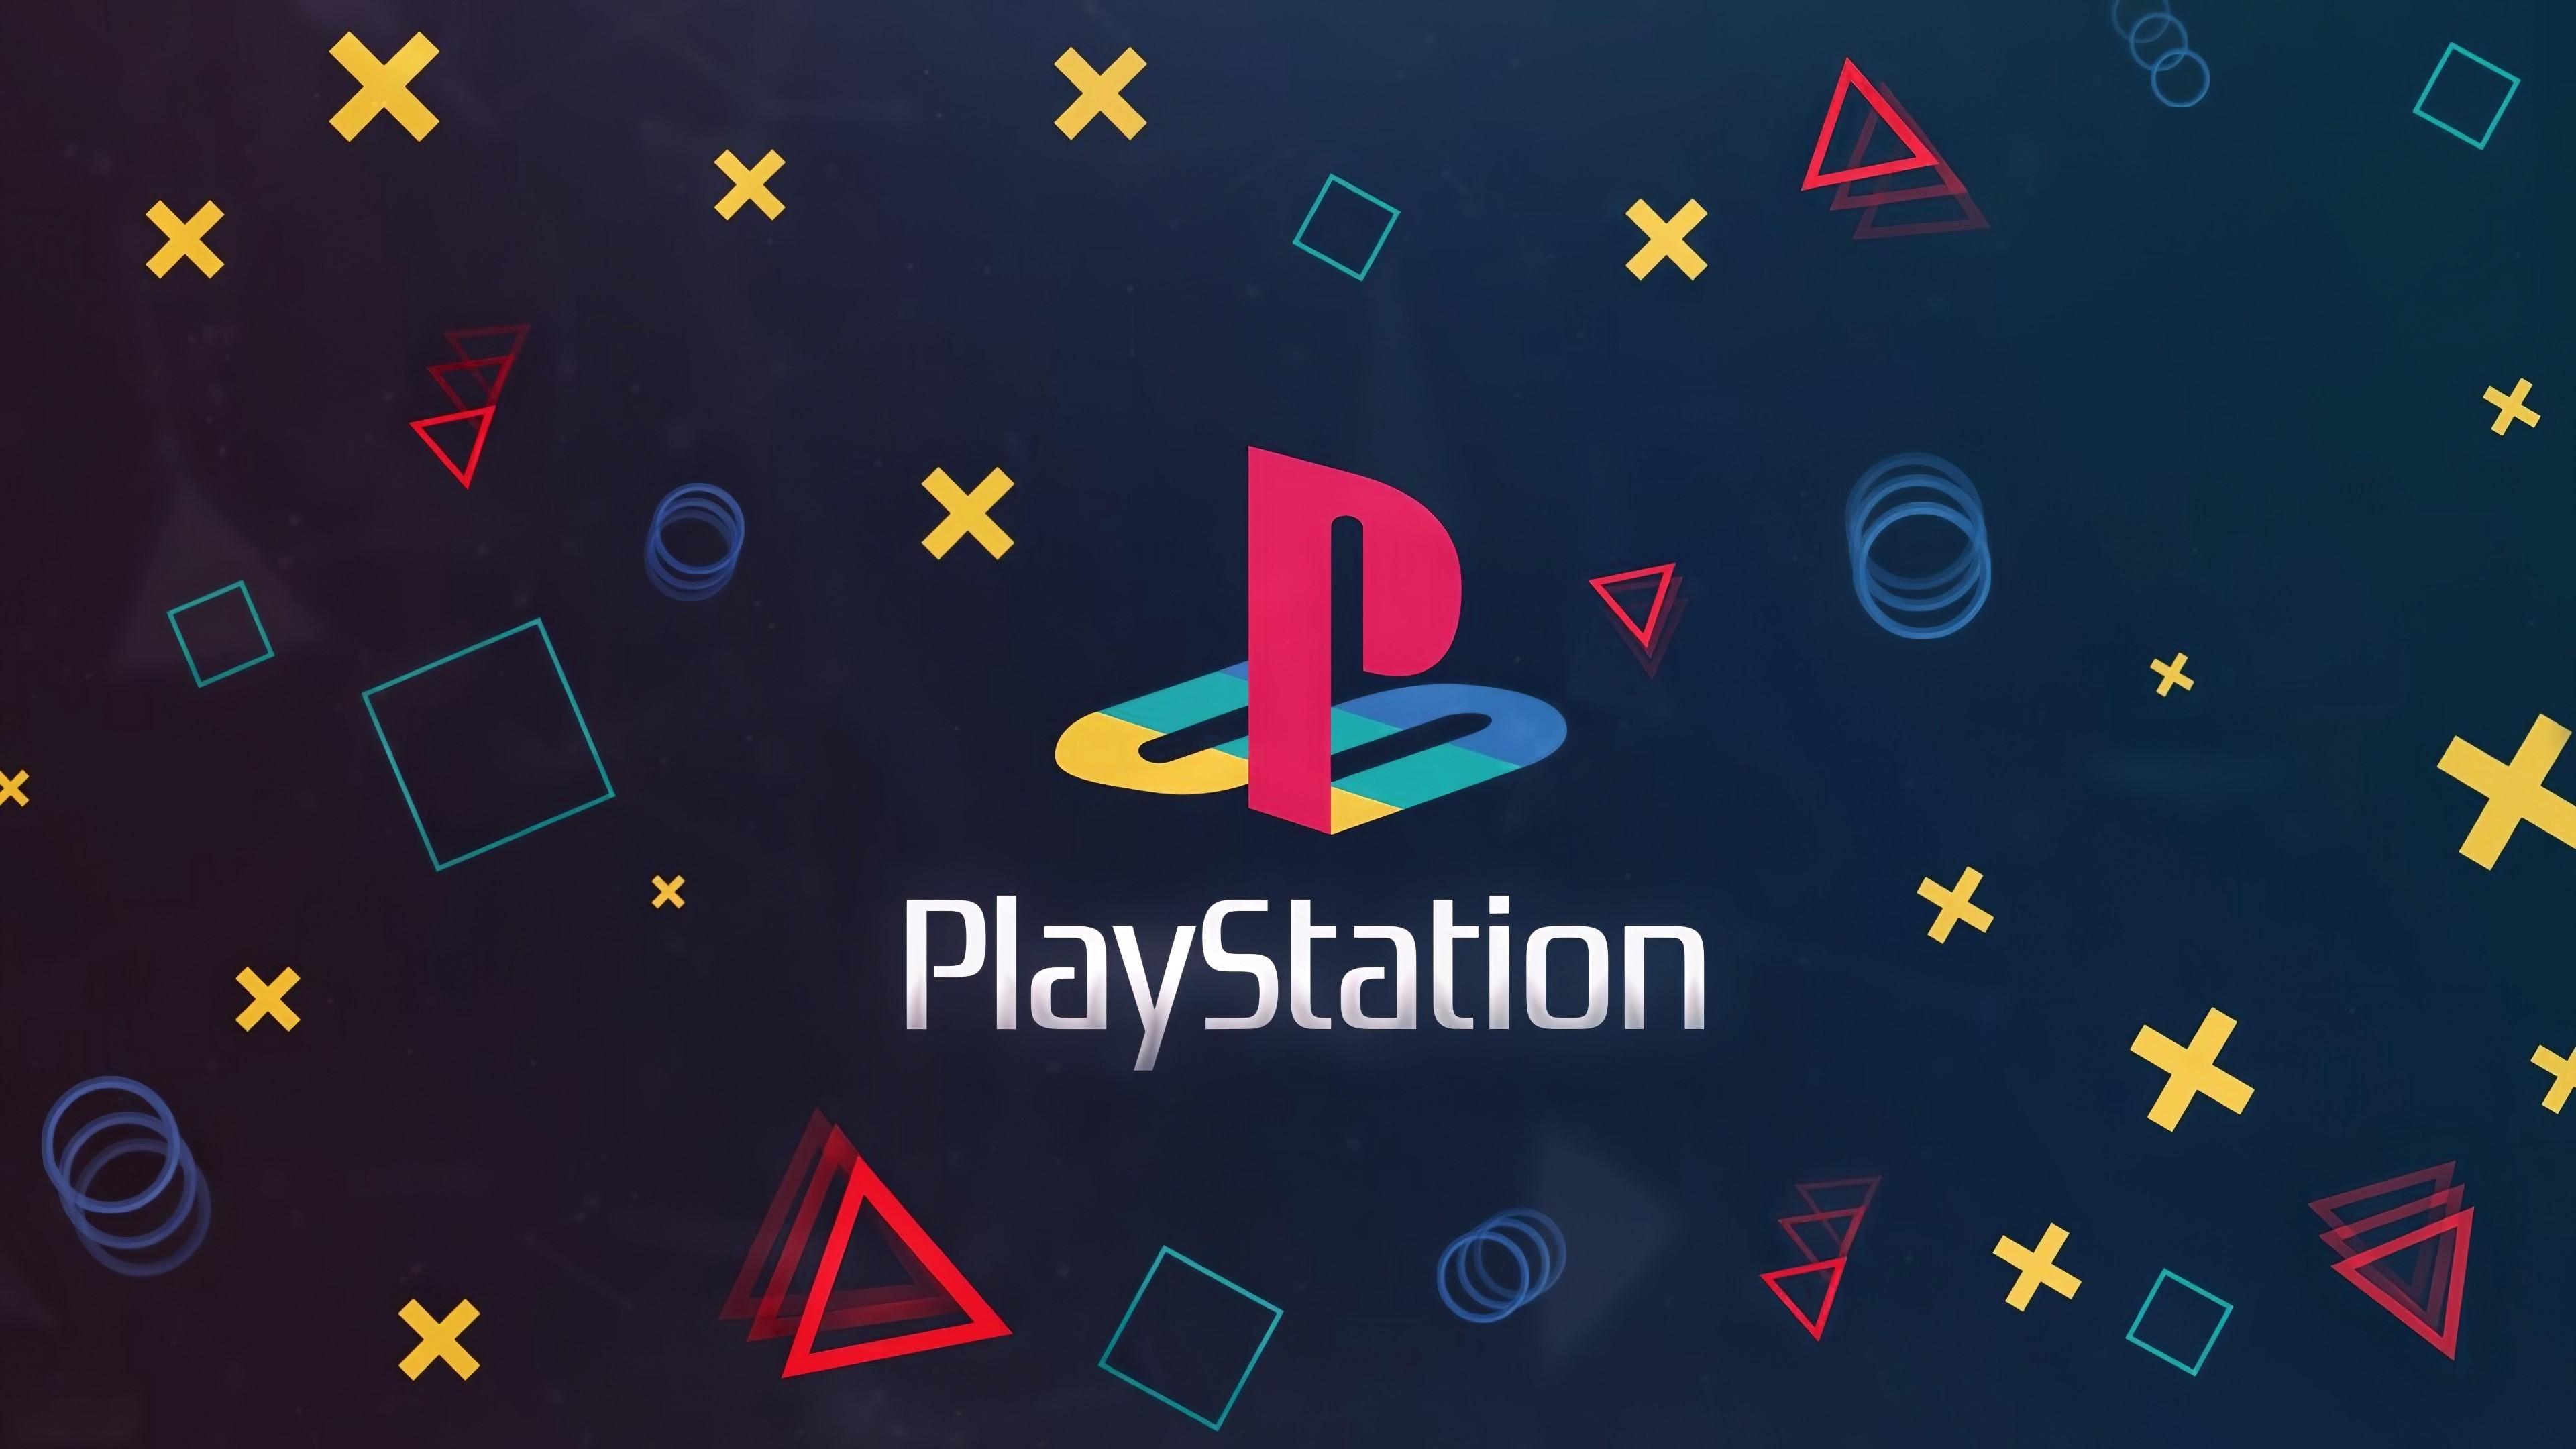 Для PlayStation 5 стало доступно новое системное обновление 2